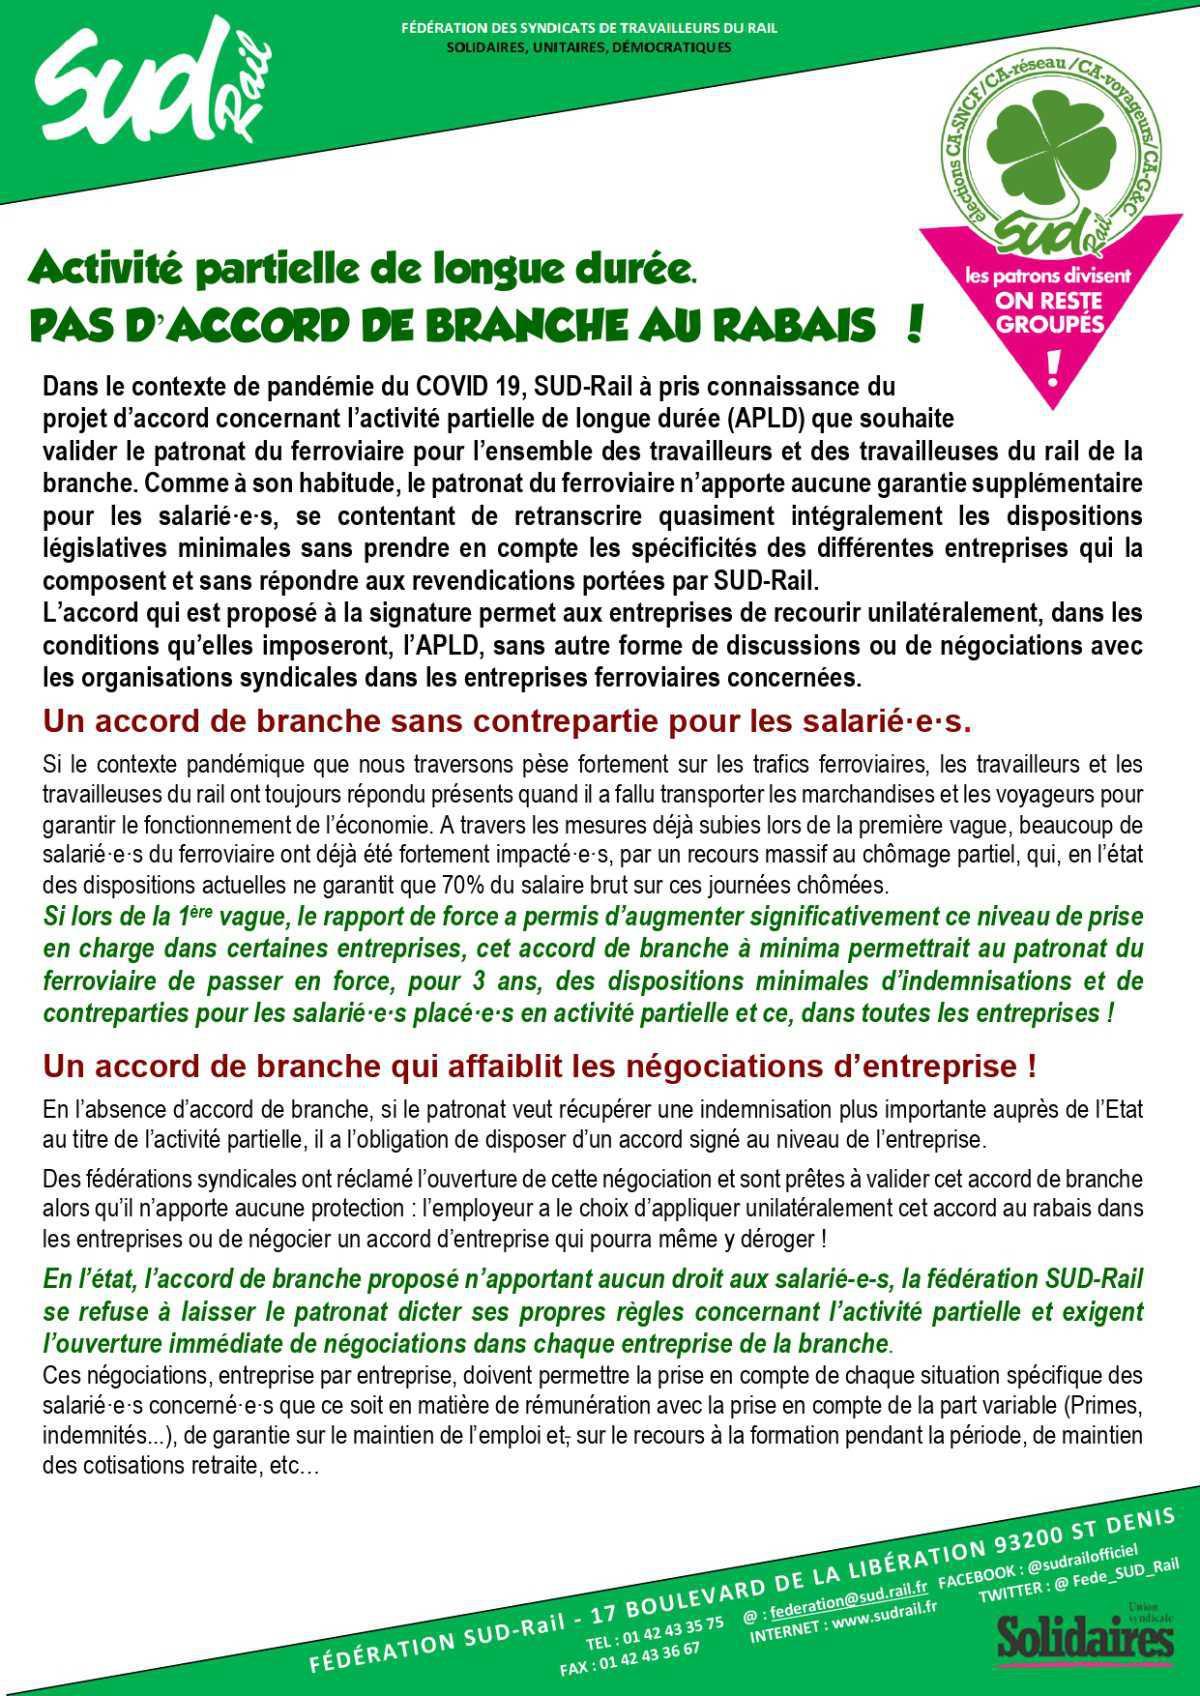 """Activité partielle de longue durée : """" PAS D'ACCORD DE BRANCHE AU RABAIS !"""""""